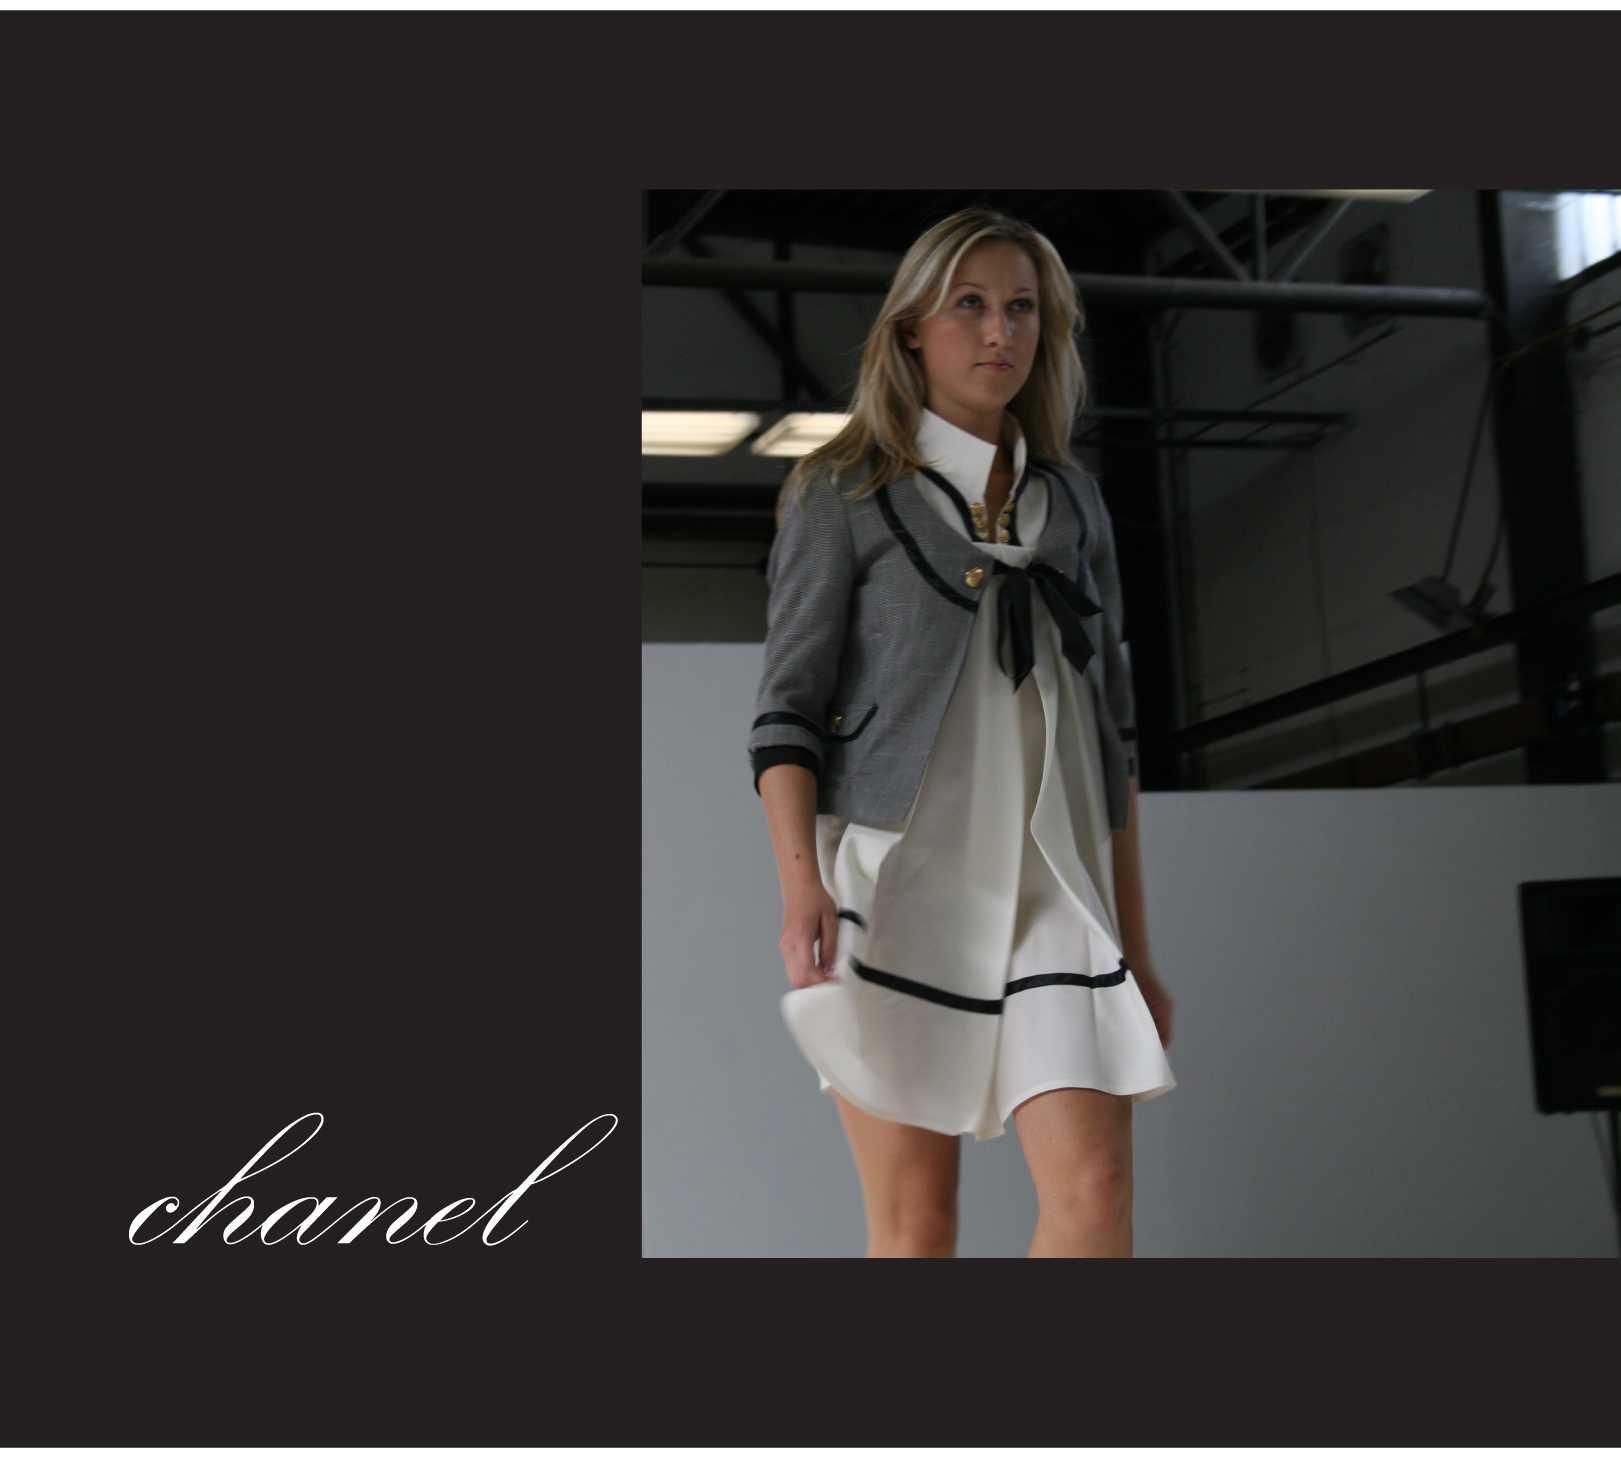 Chic kostým z kolekcie Chanel   Zboží prodejce dhfashion  760a147b153